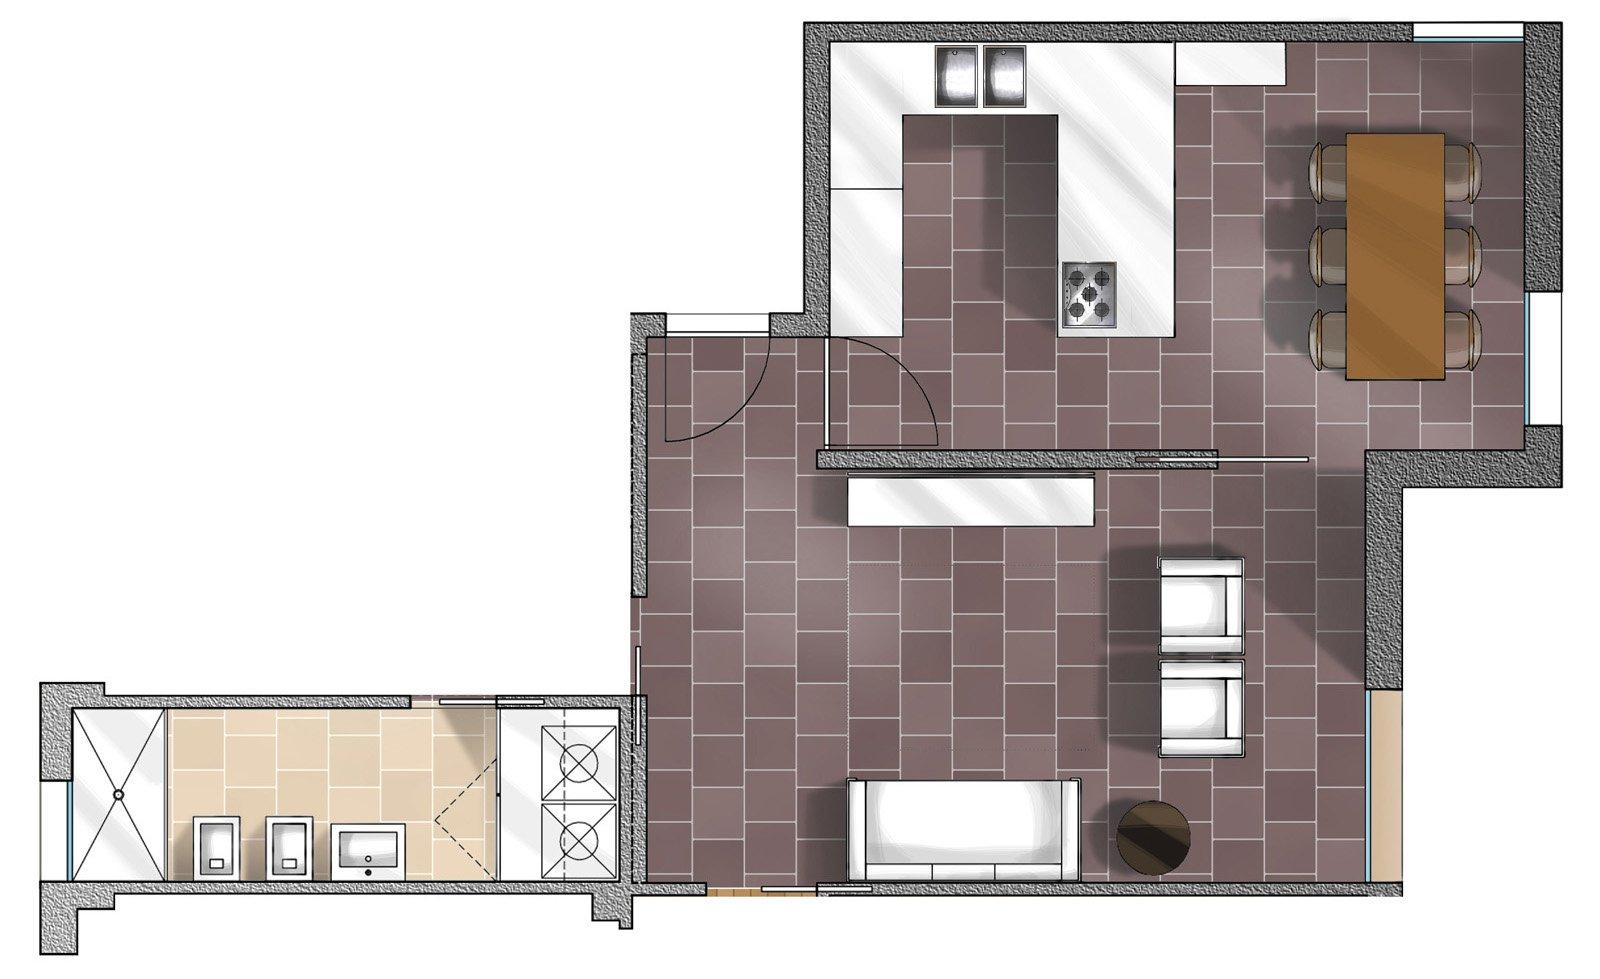 Idee da copiare per migliorare la casa cose di casa - Pianta casa 90 mq ...